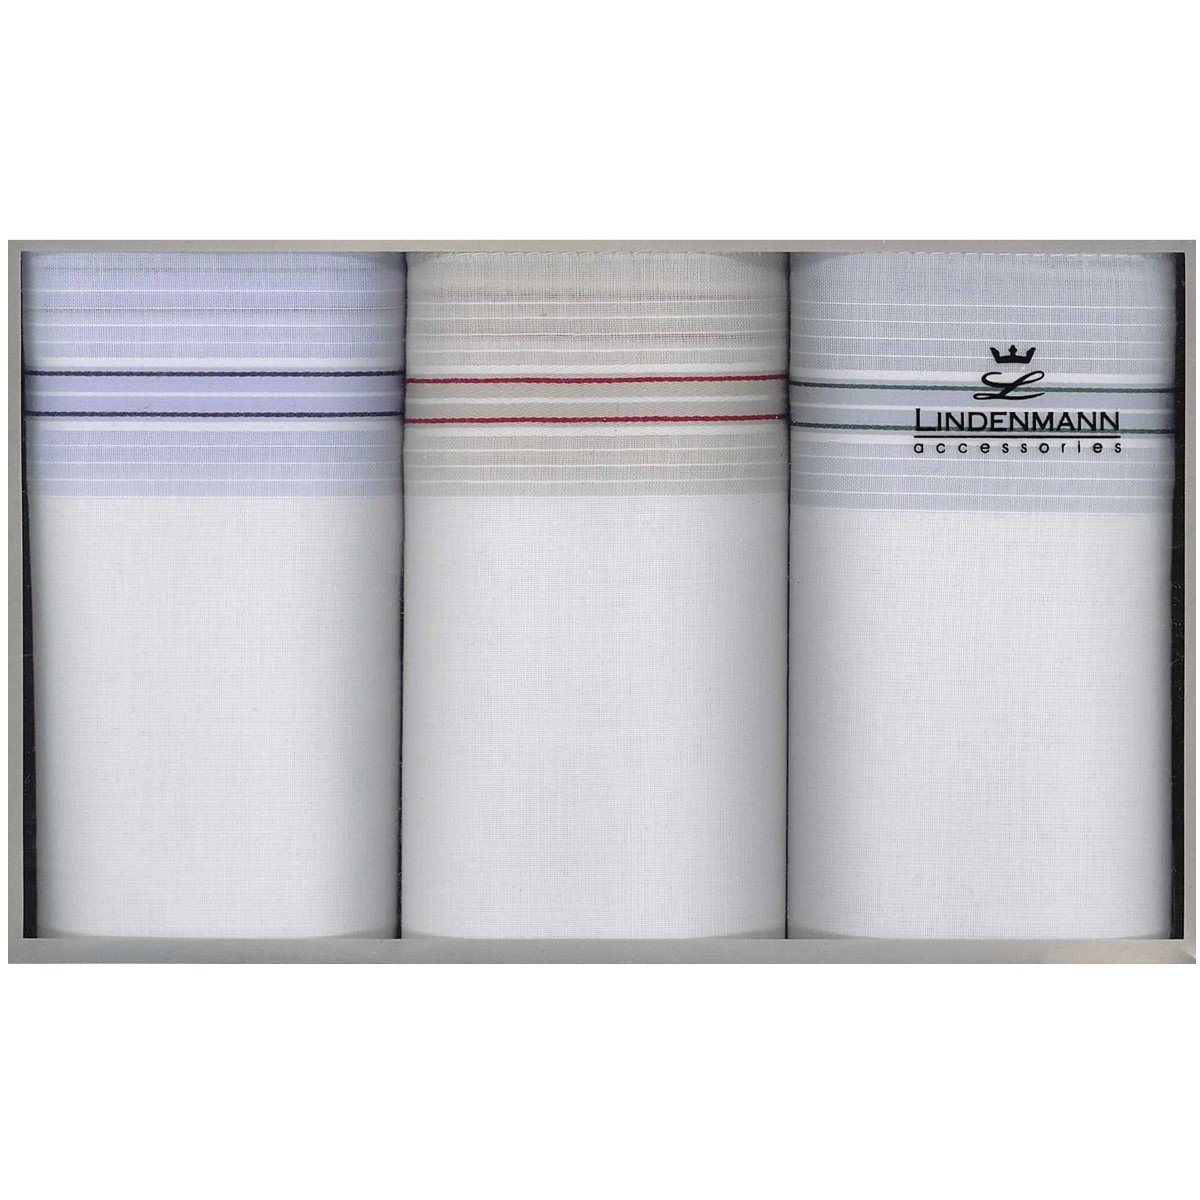 Lindenmann Handkerchiefs for men, 3-pack, white, 50014-001 TAS-6950014-001-LIN